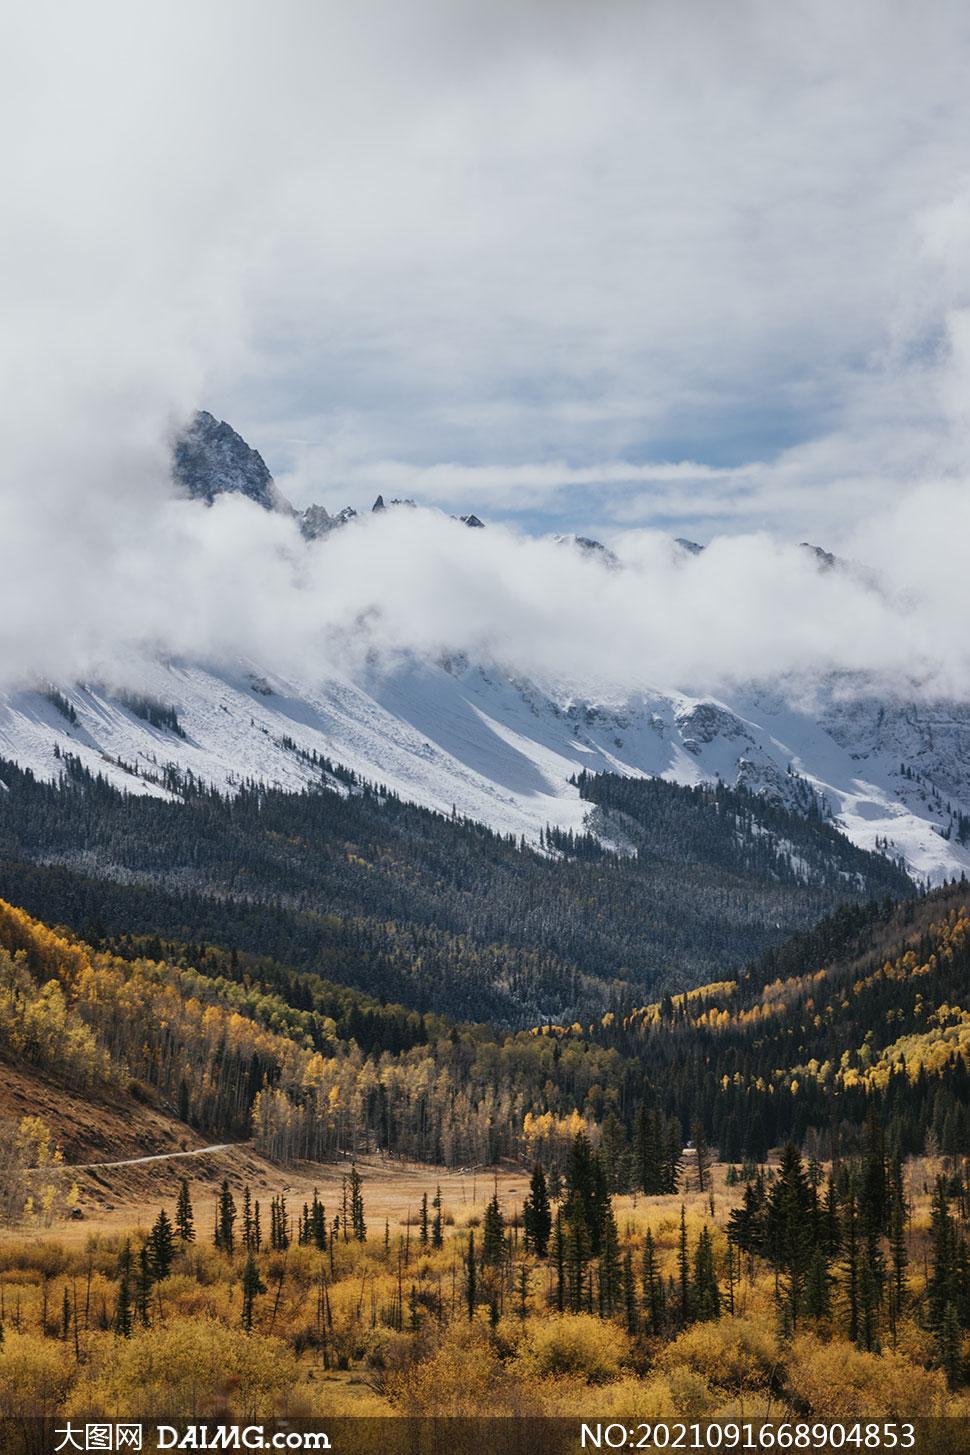 雪山山谷茂密树木风光摄影高清图片